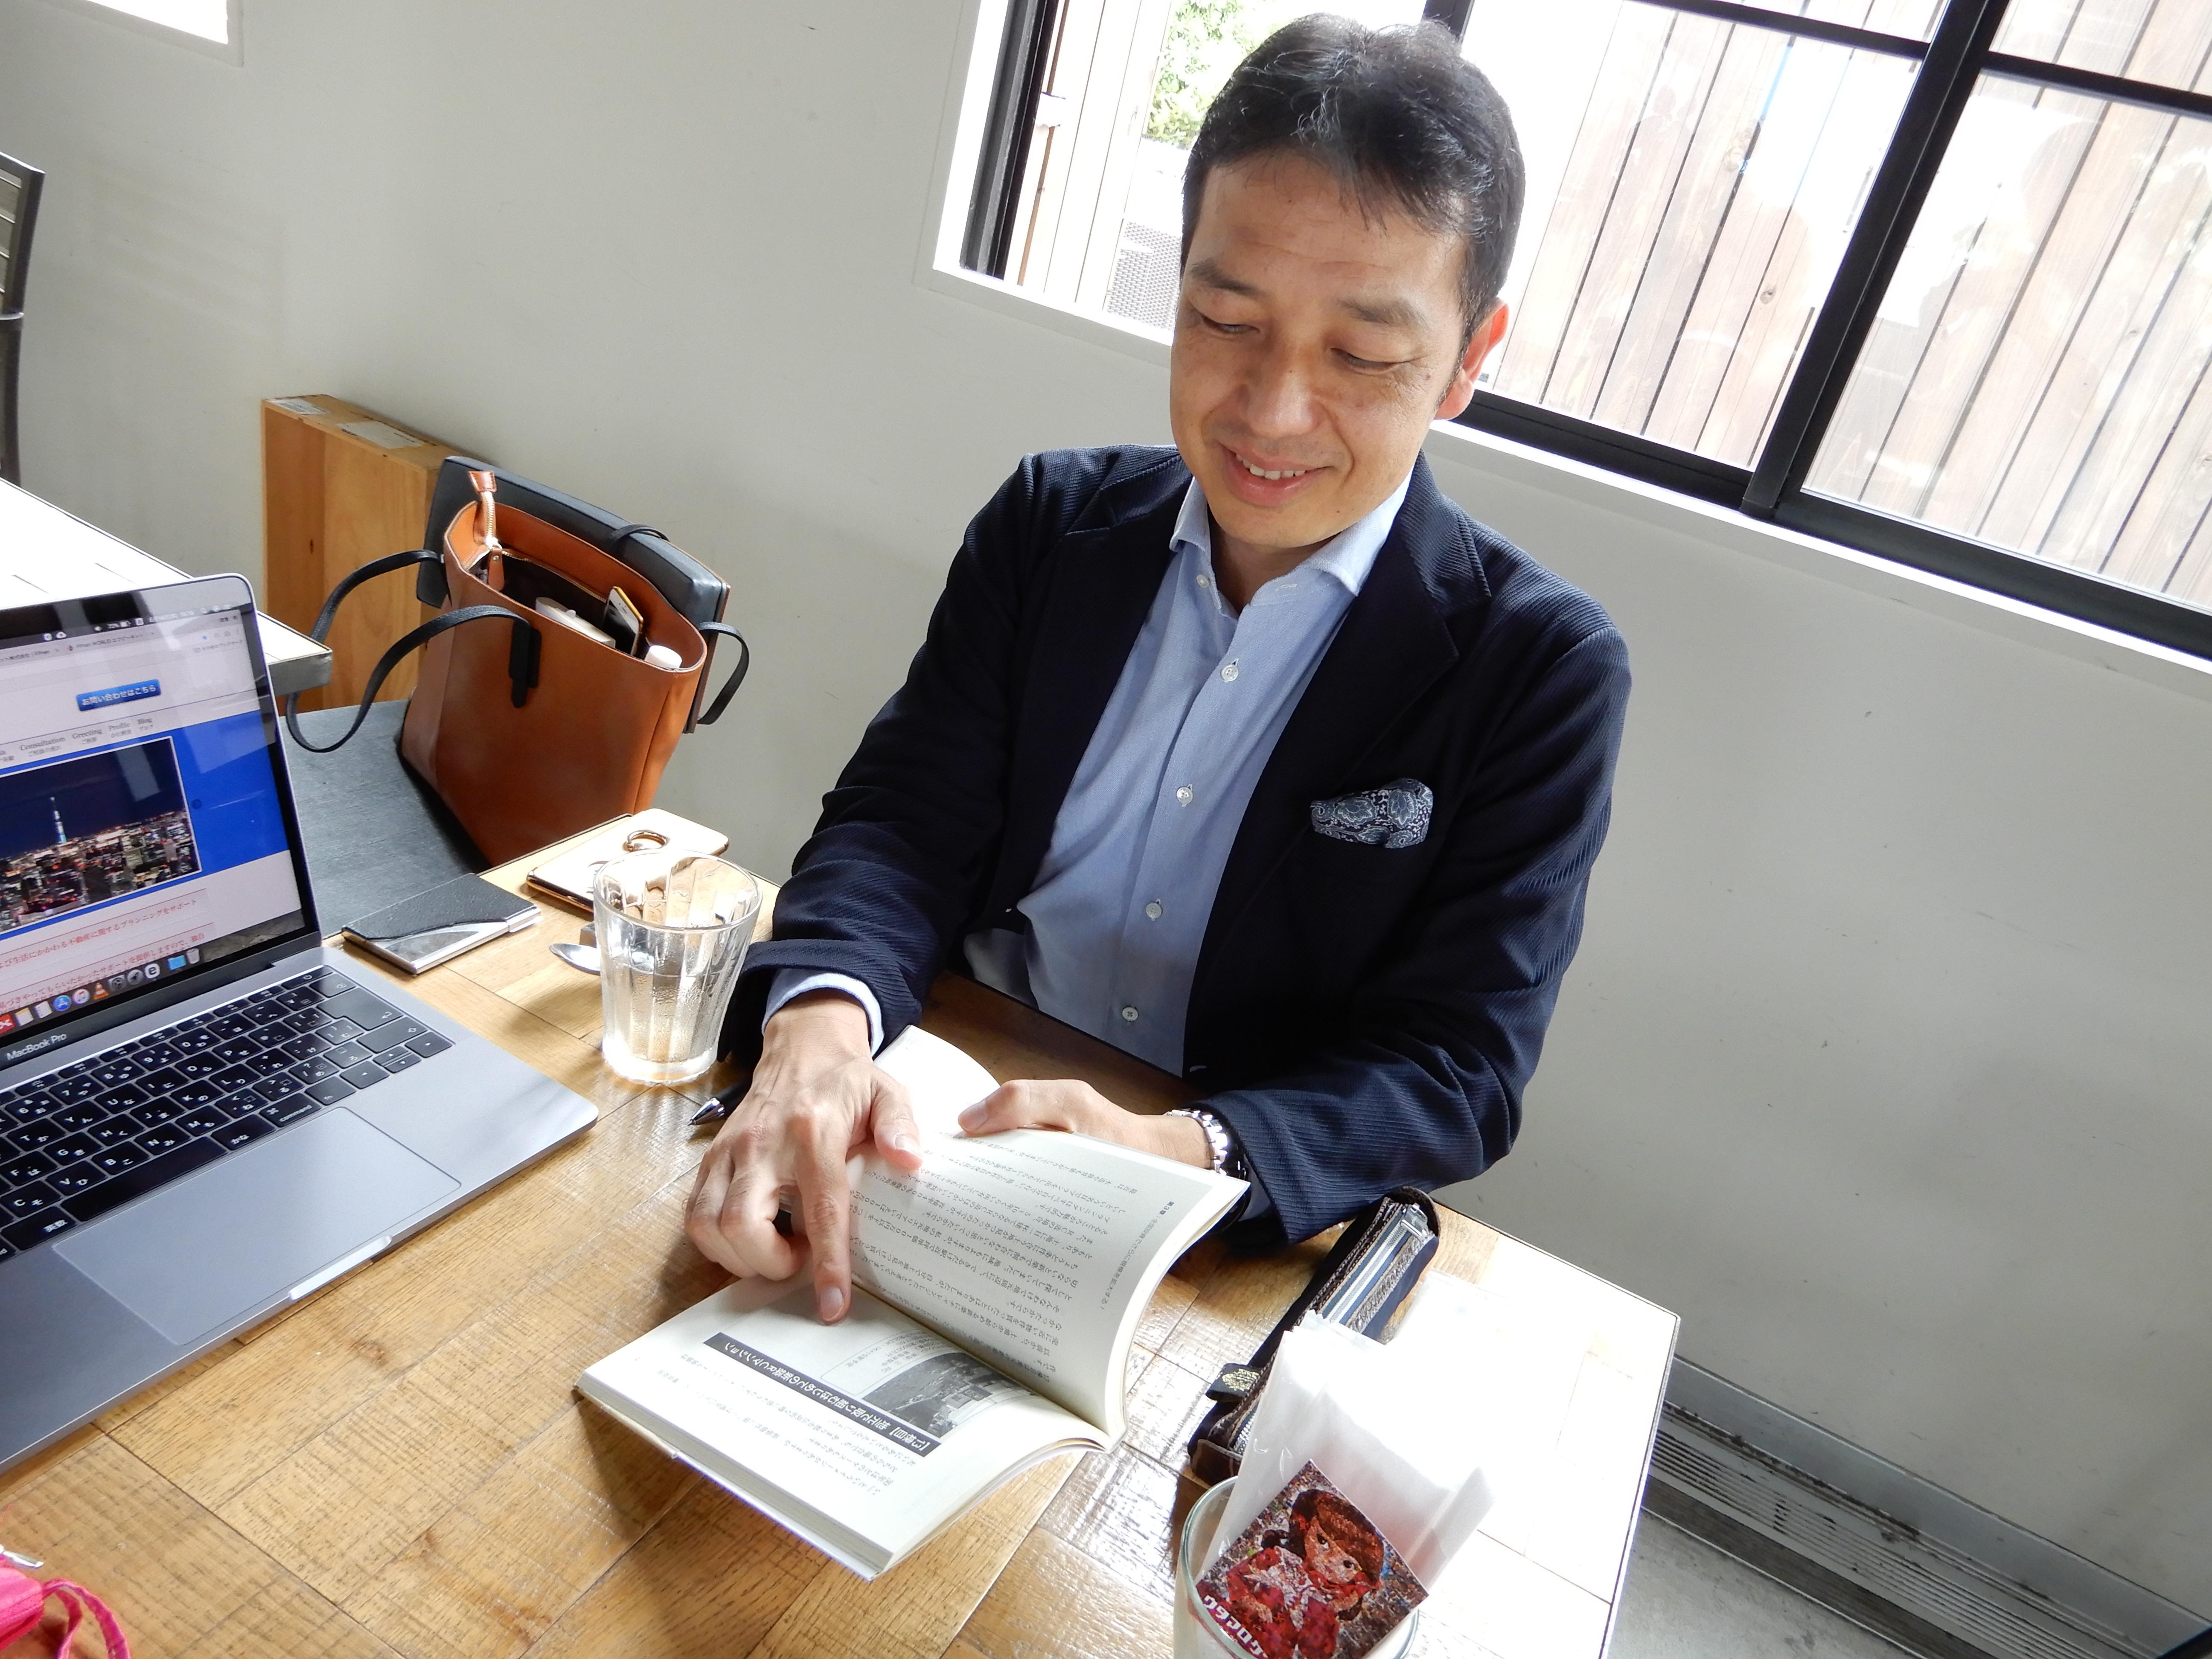 第3話 「私を通じて、自分の人生を歩める人が増えていってほしいんです」あなたを精一杯応援します!田中宏貴さんインタビュー